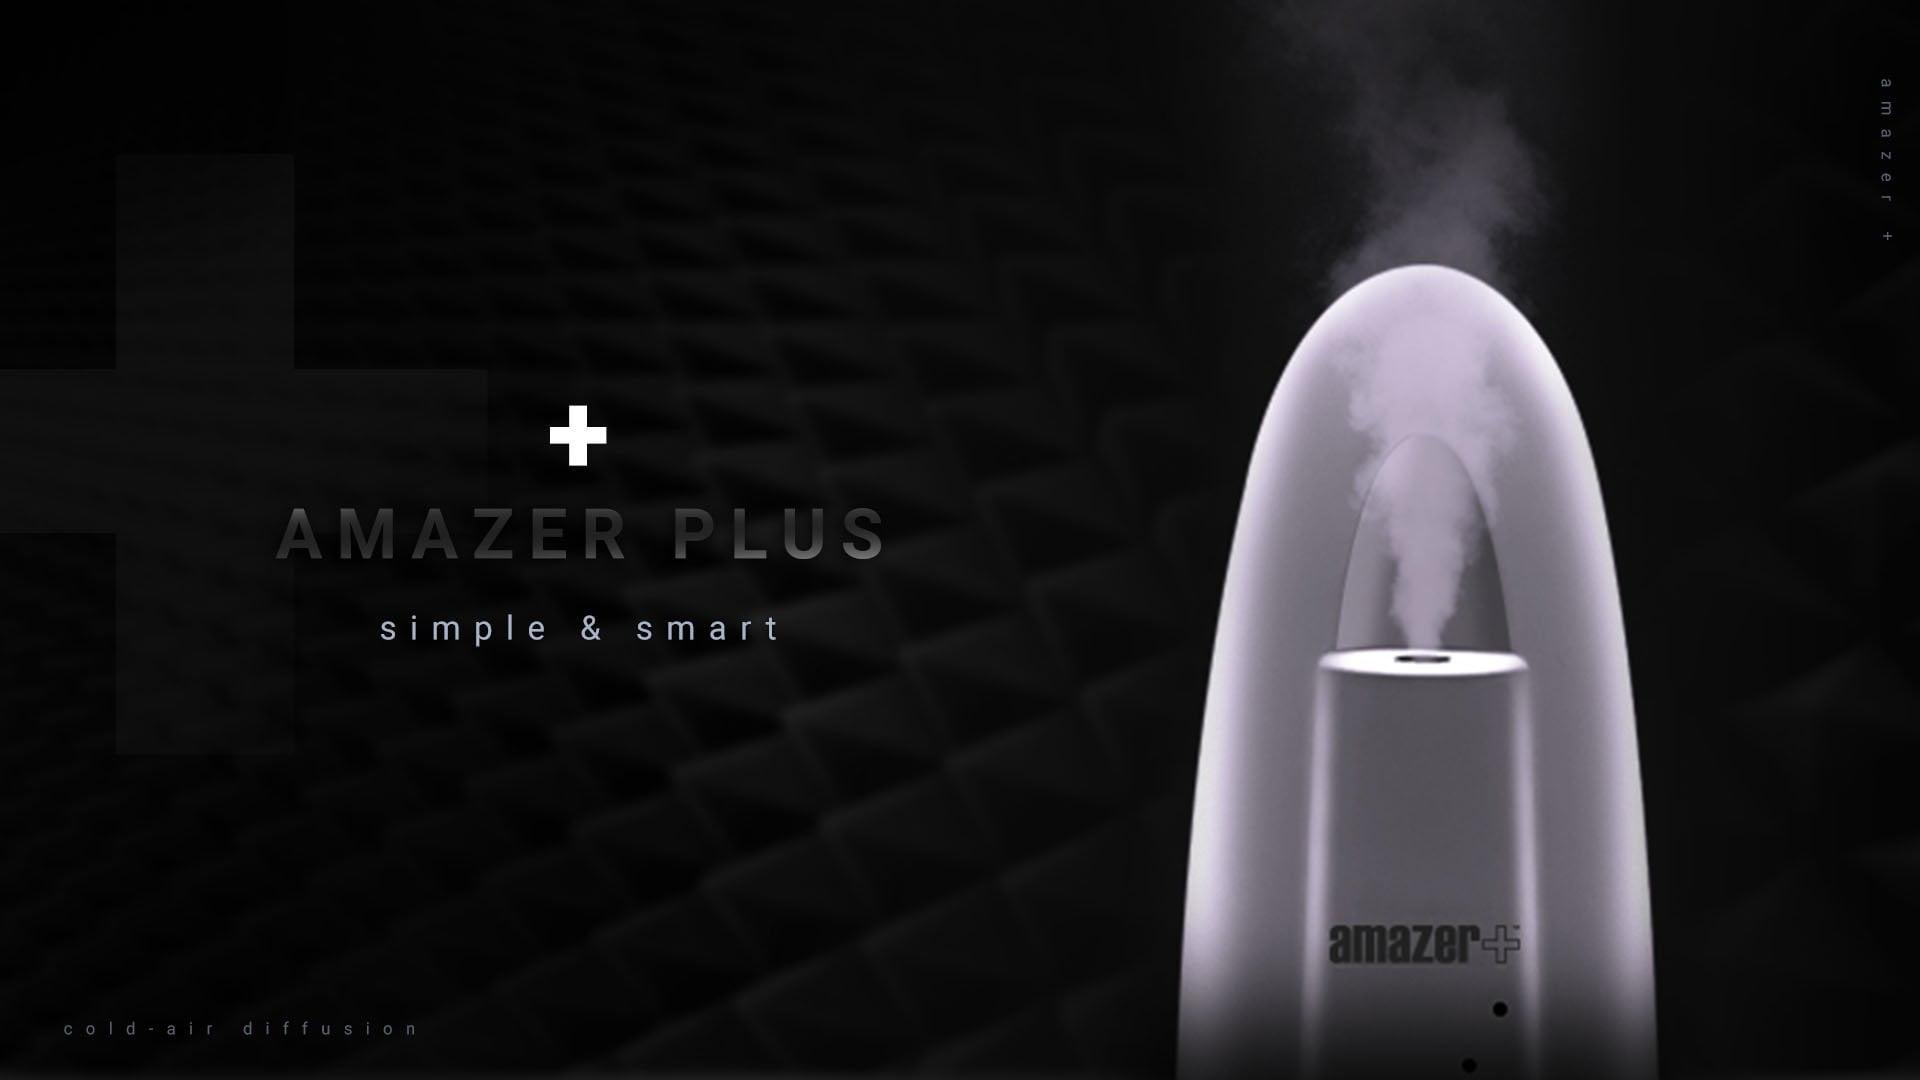 Amazer Plus Diffuser Header Image